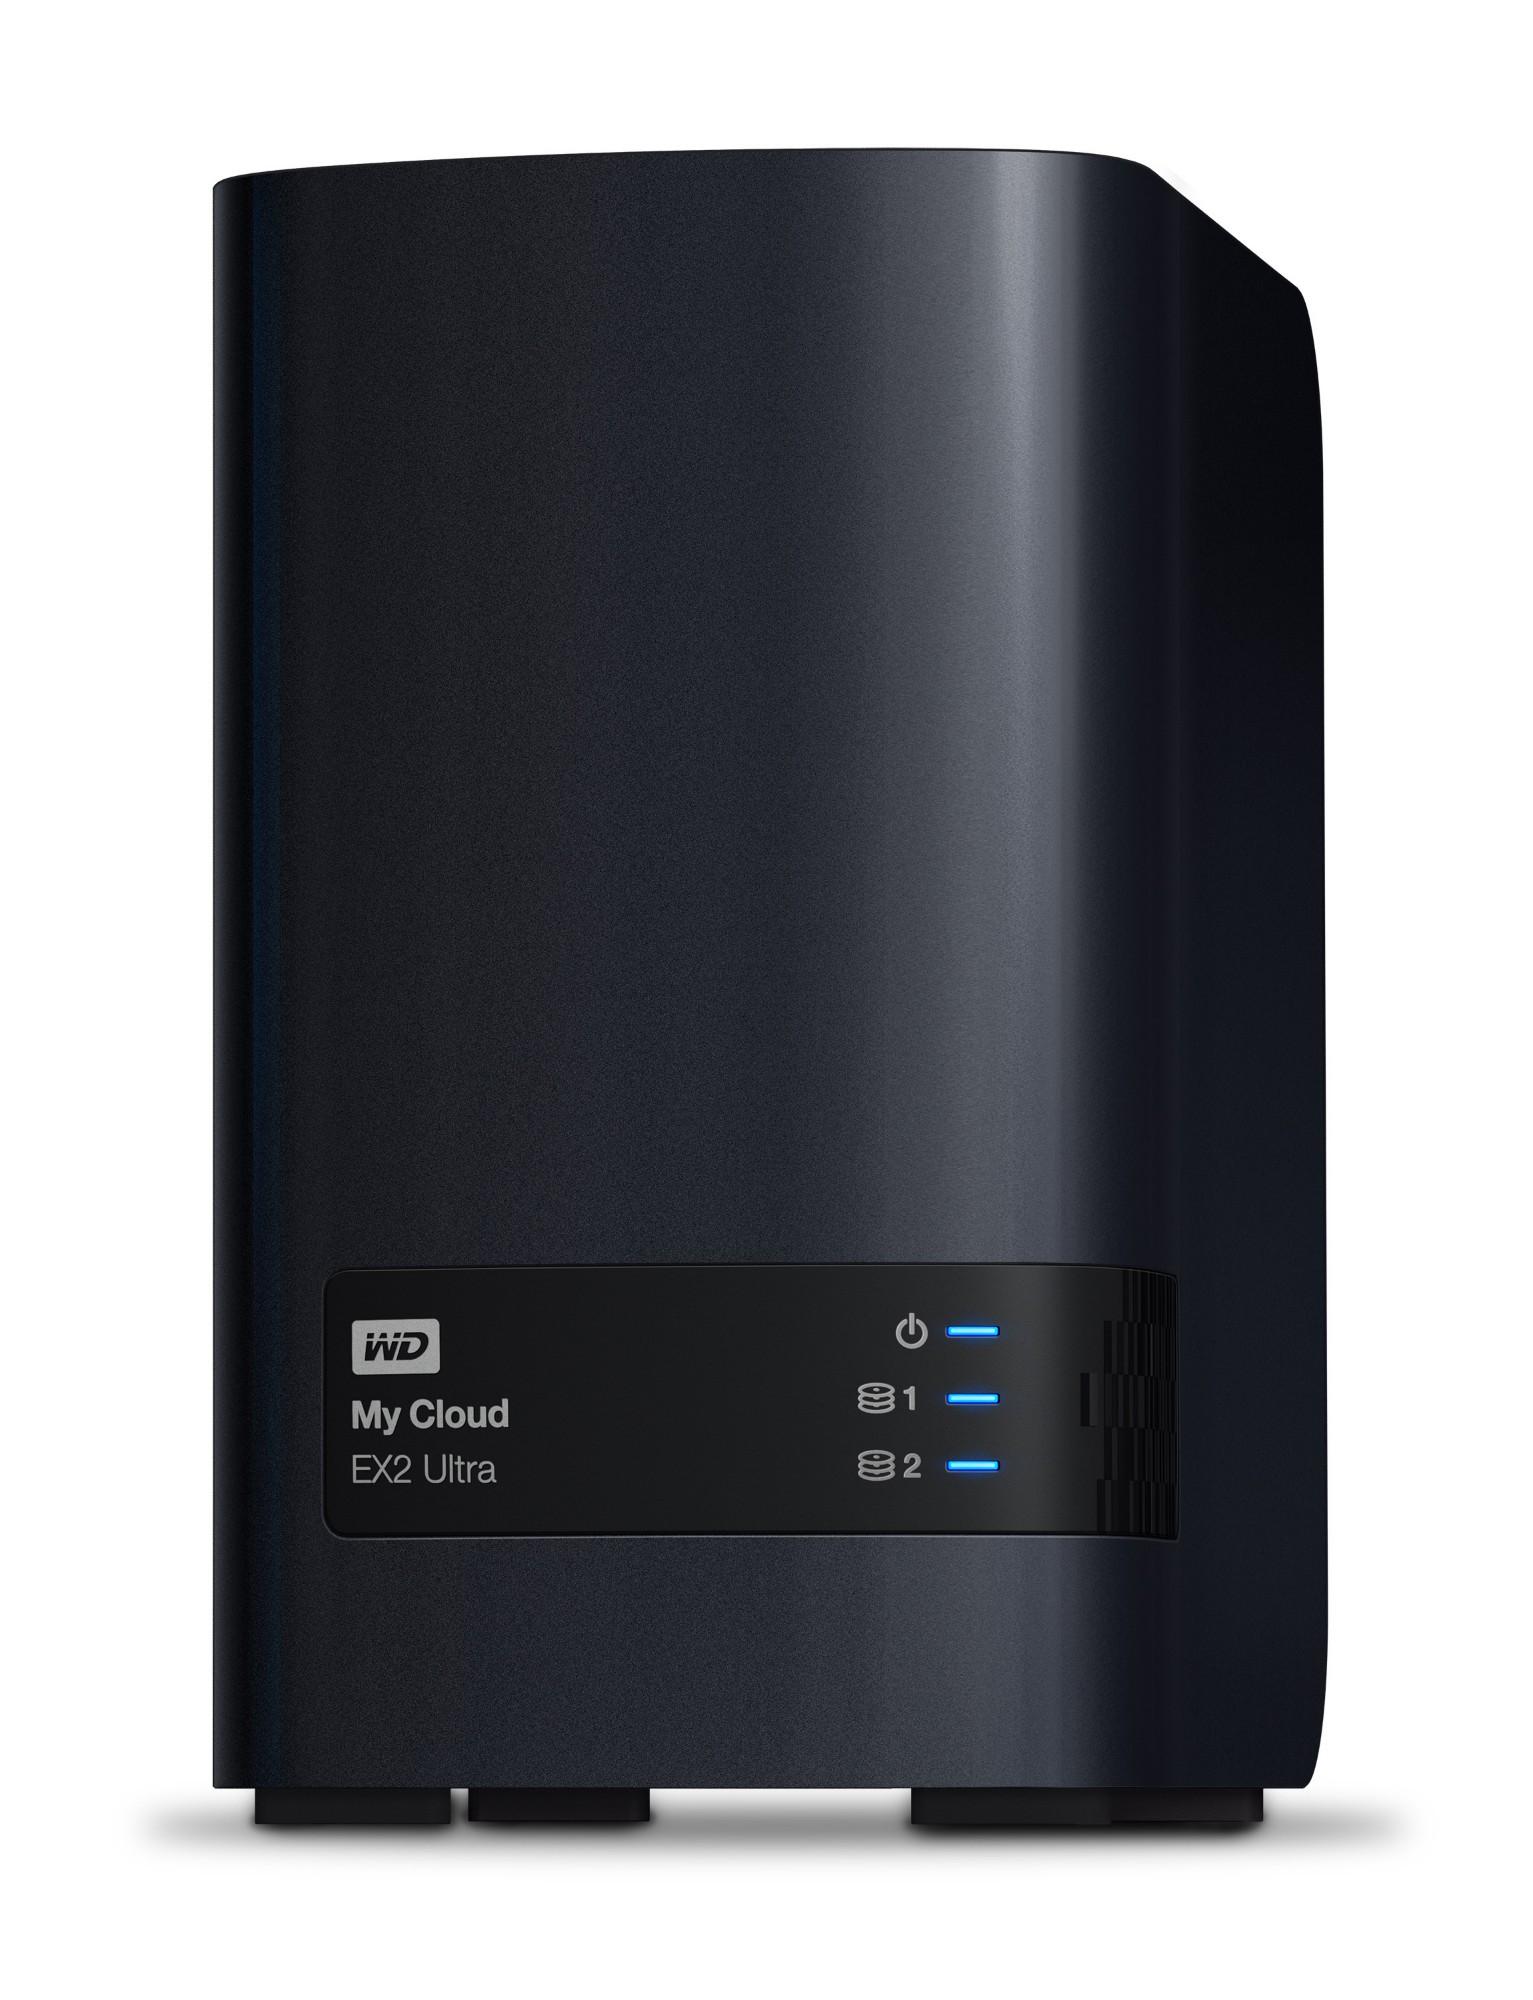 My Cloud Ex2 Ultra 3.5in 2x USB3.0 4TB (2x 2tb) Wd Red